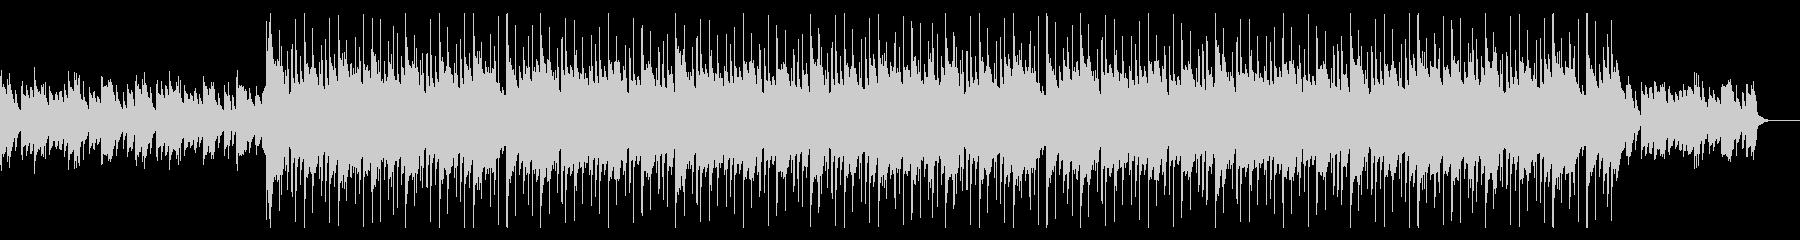 悲しいシーンで流れるピアノ曲の未再生の波形